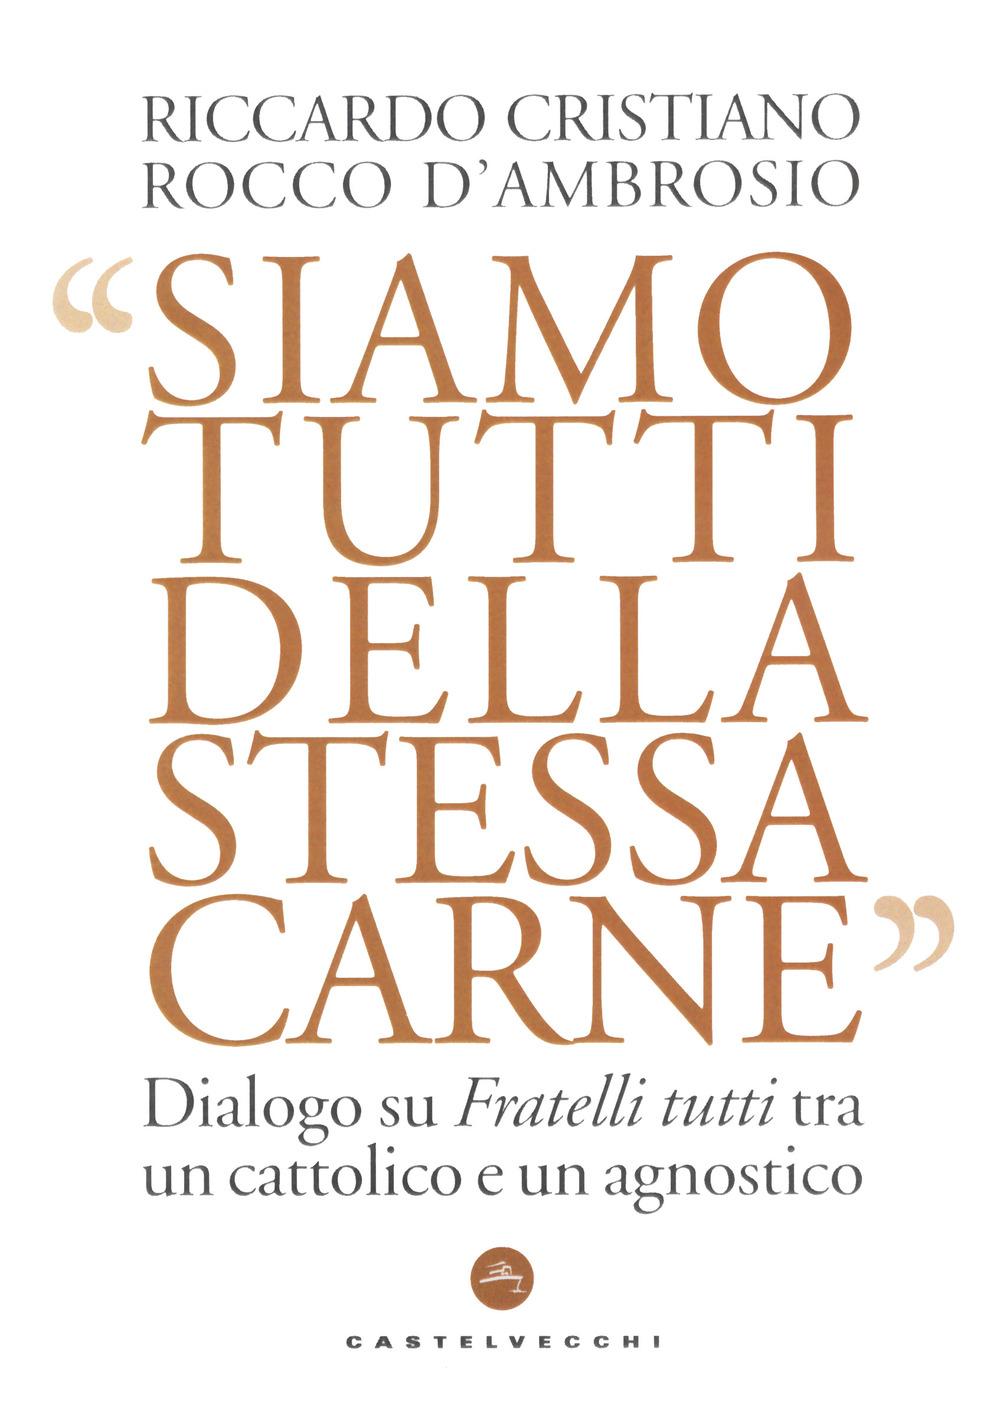 SIAMO TUTTI DELLA STESSA CARNE - D'Ambrosio Cristiano - 9788832903034